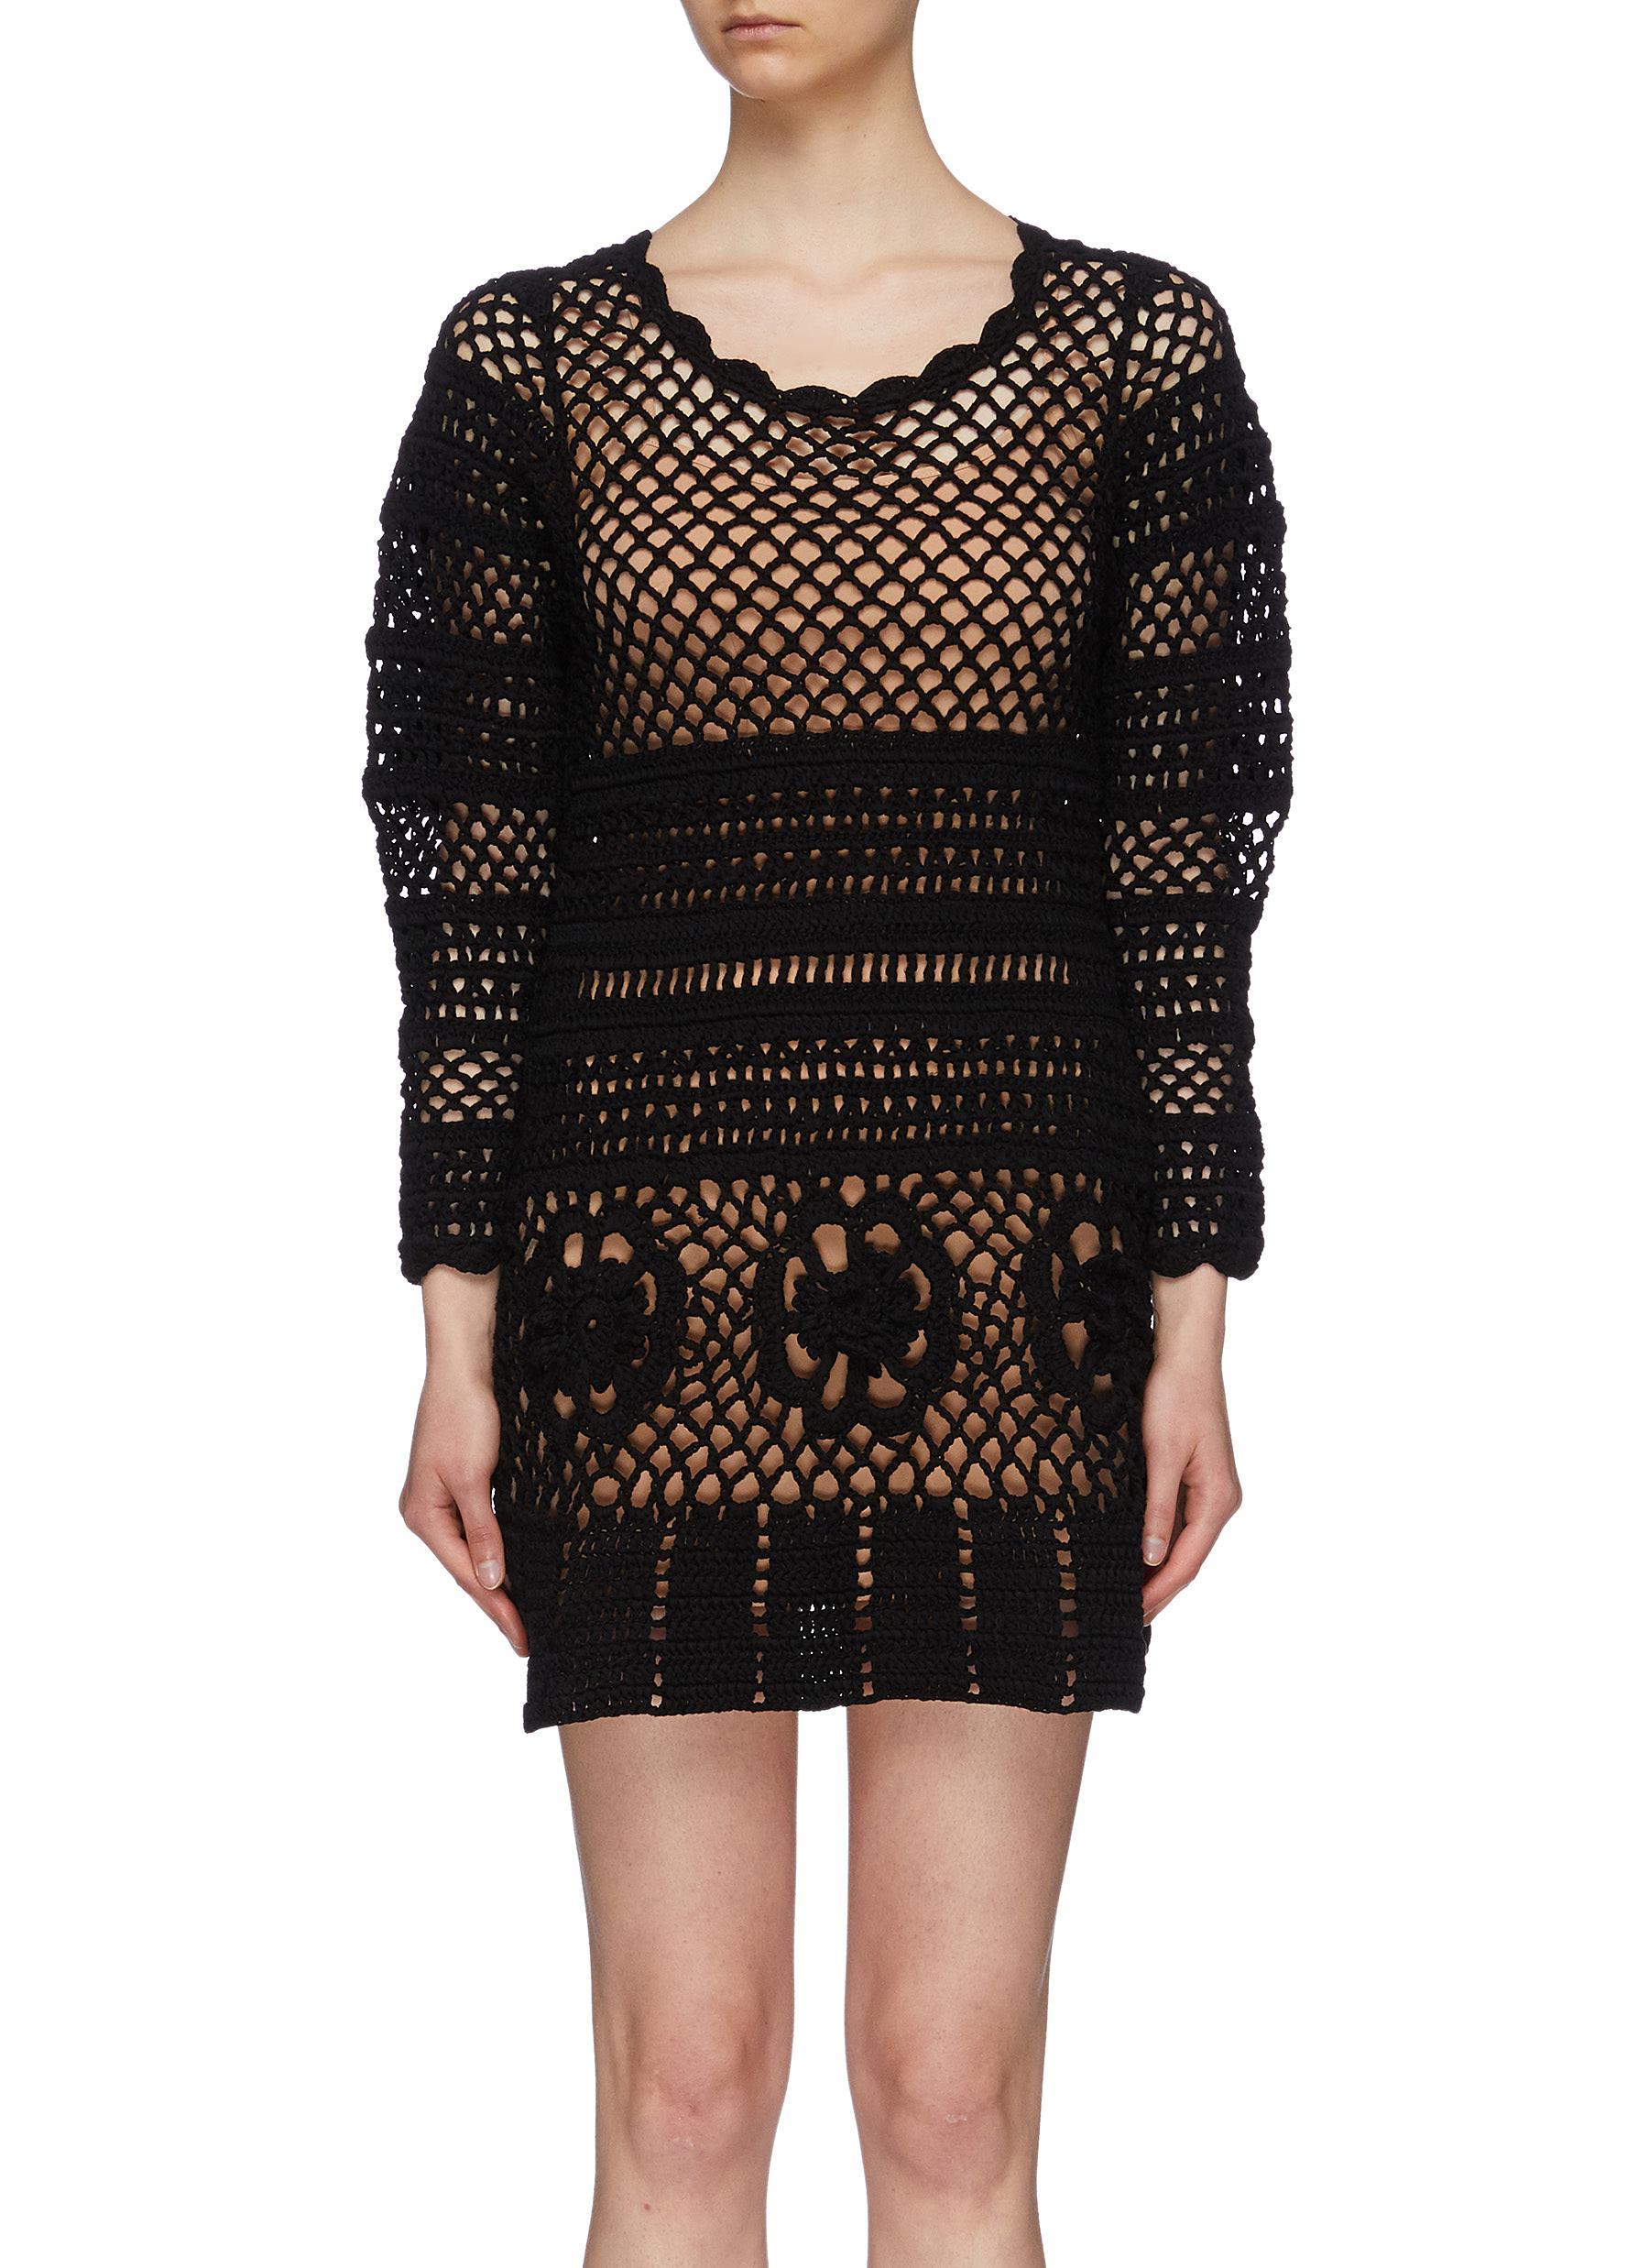 Crochet knit tunic dress by Self-Portrait